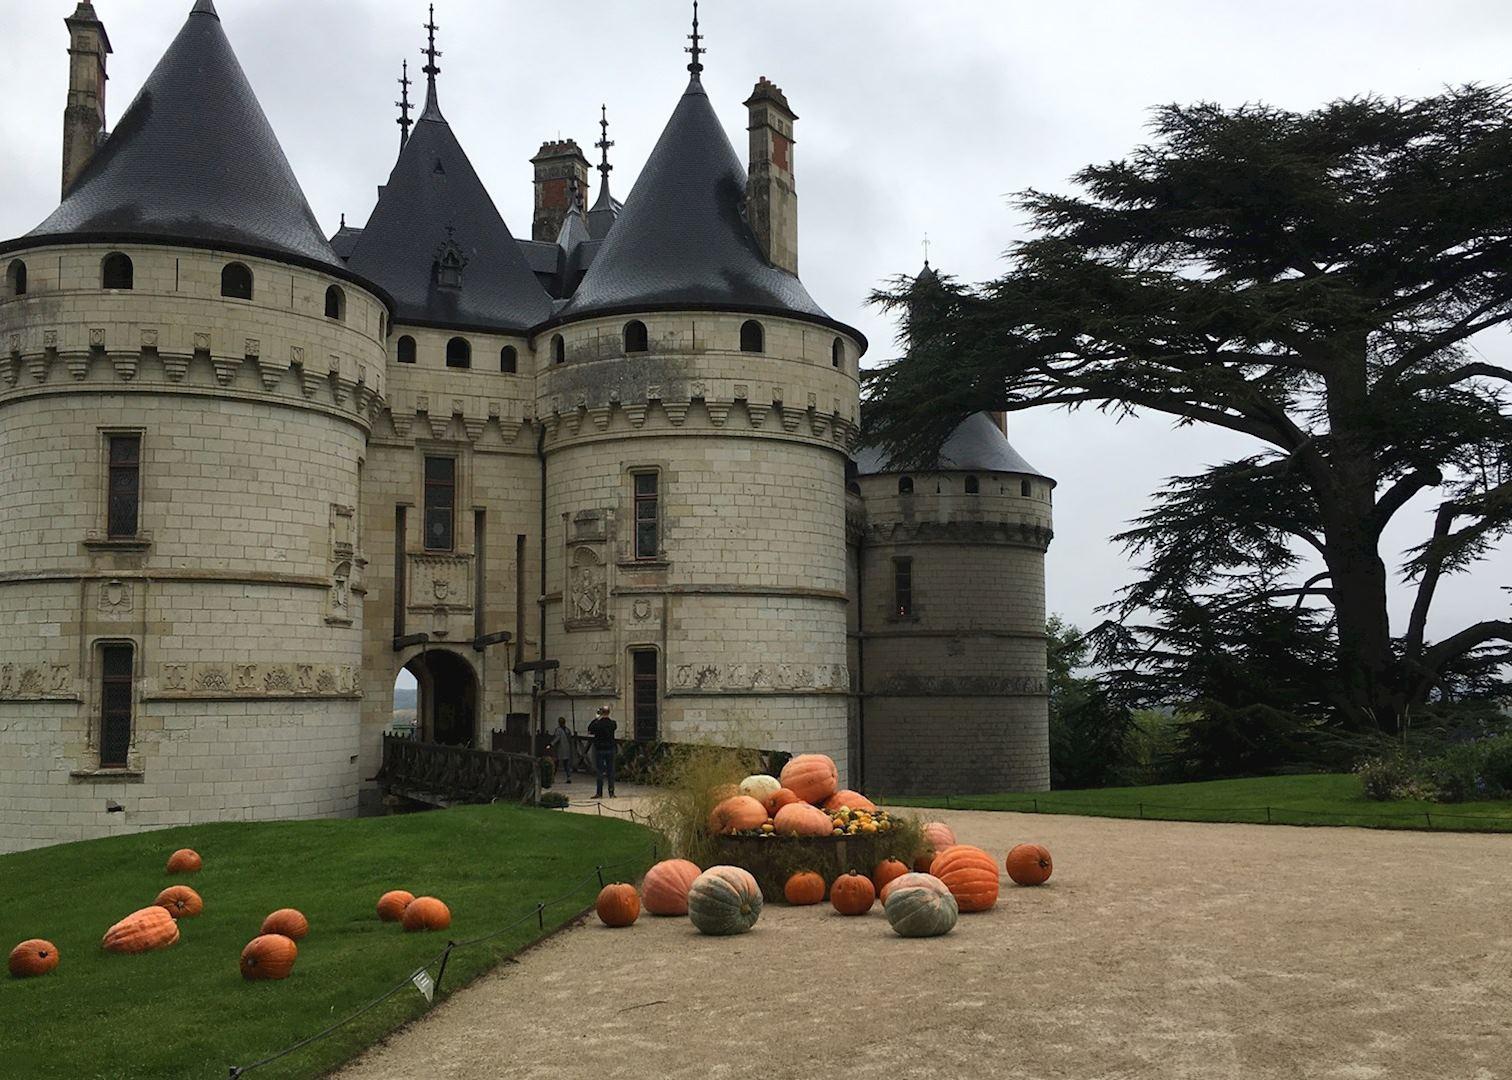 Connu Visit Château de Chaumont-sur-Loire, France | Audley Travel VM48